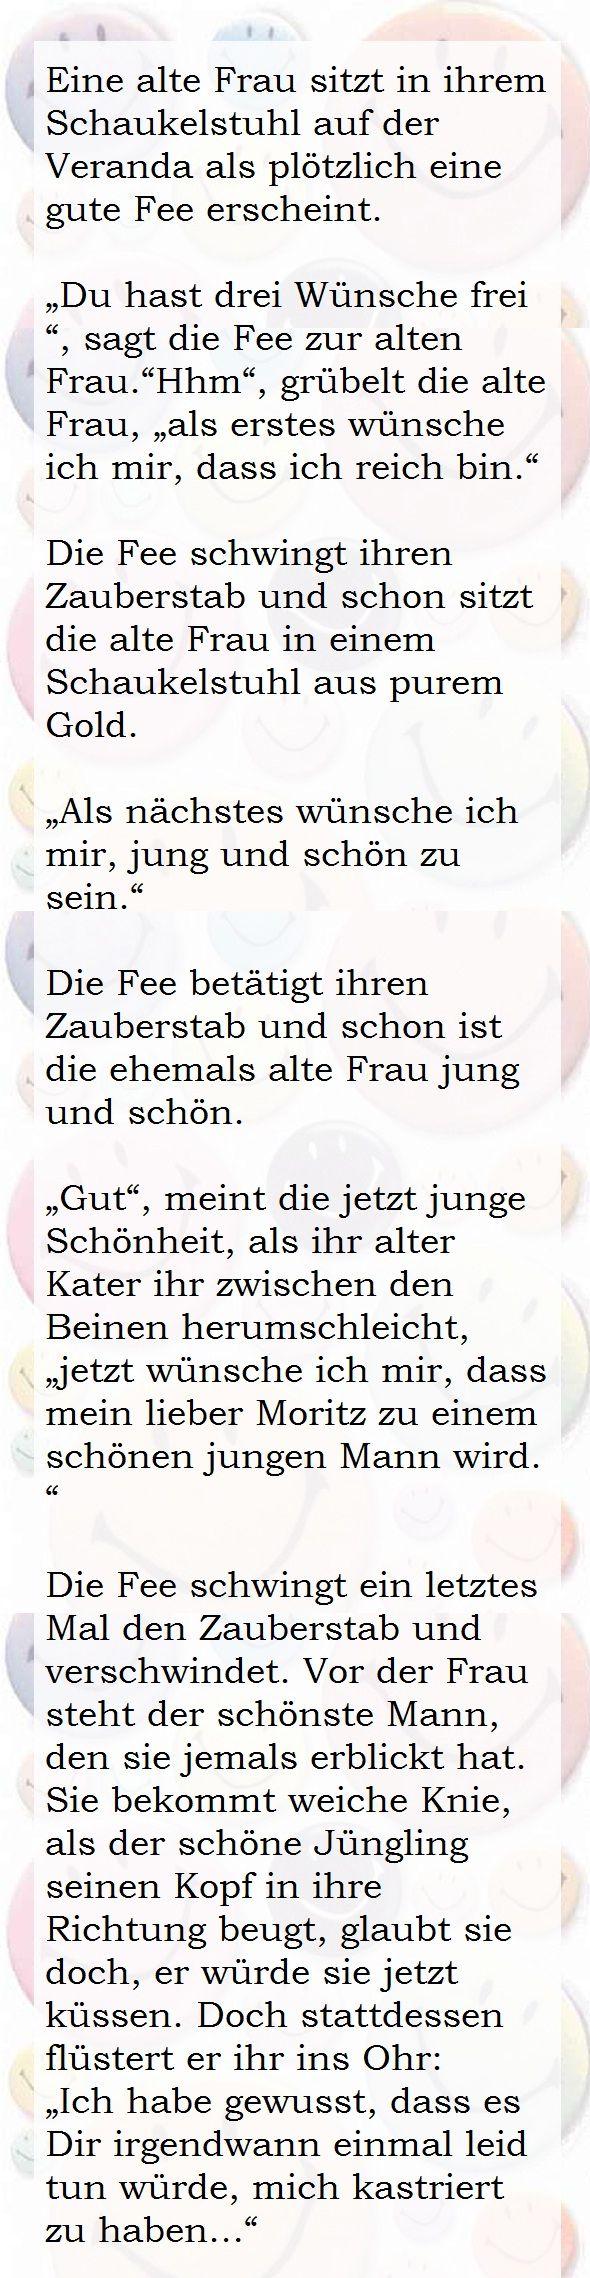 Witze, Humor, Fun, Lachen, Spaß, Witzig, van Tiggelen, – Karin-Maria Minner